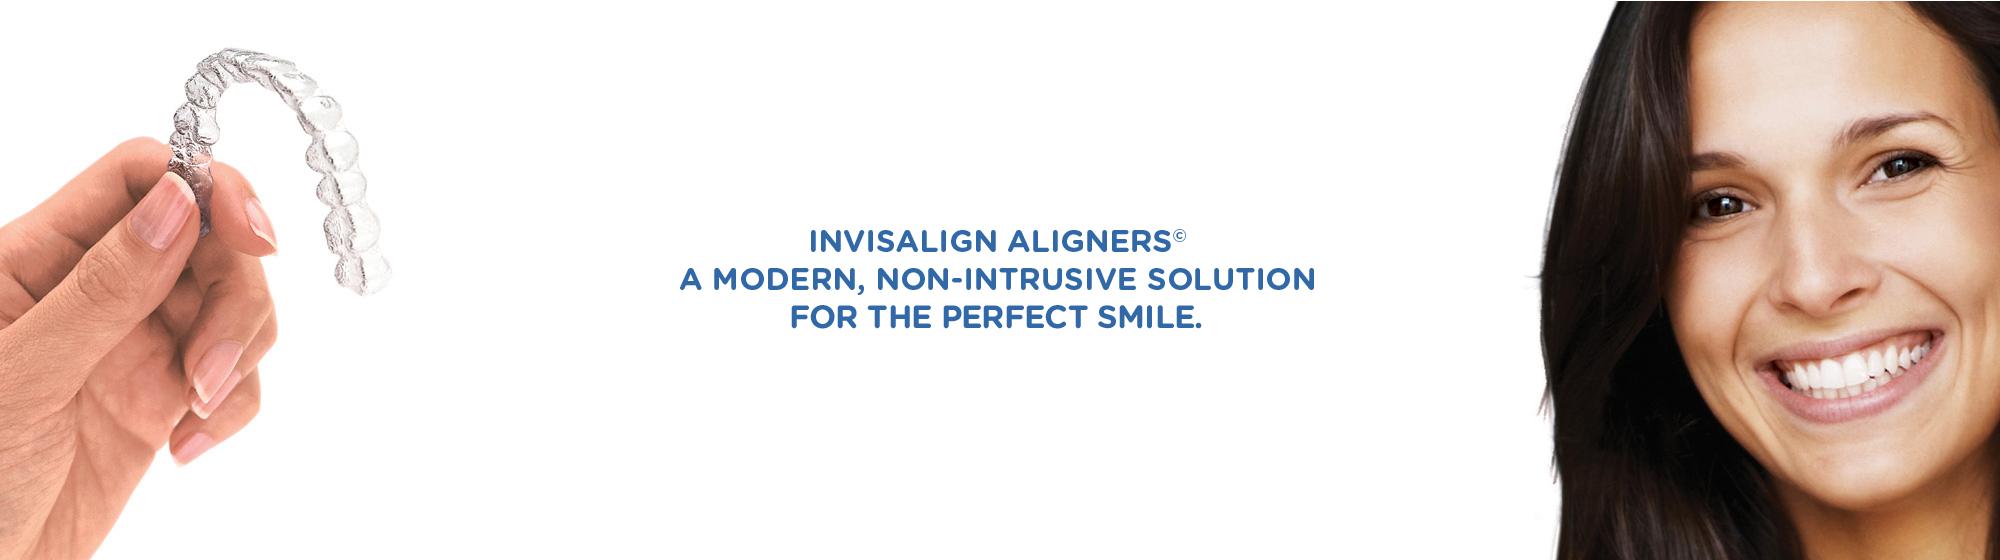 Montreal Invisalign Invisible Aligners